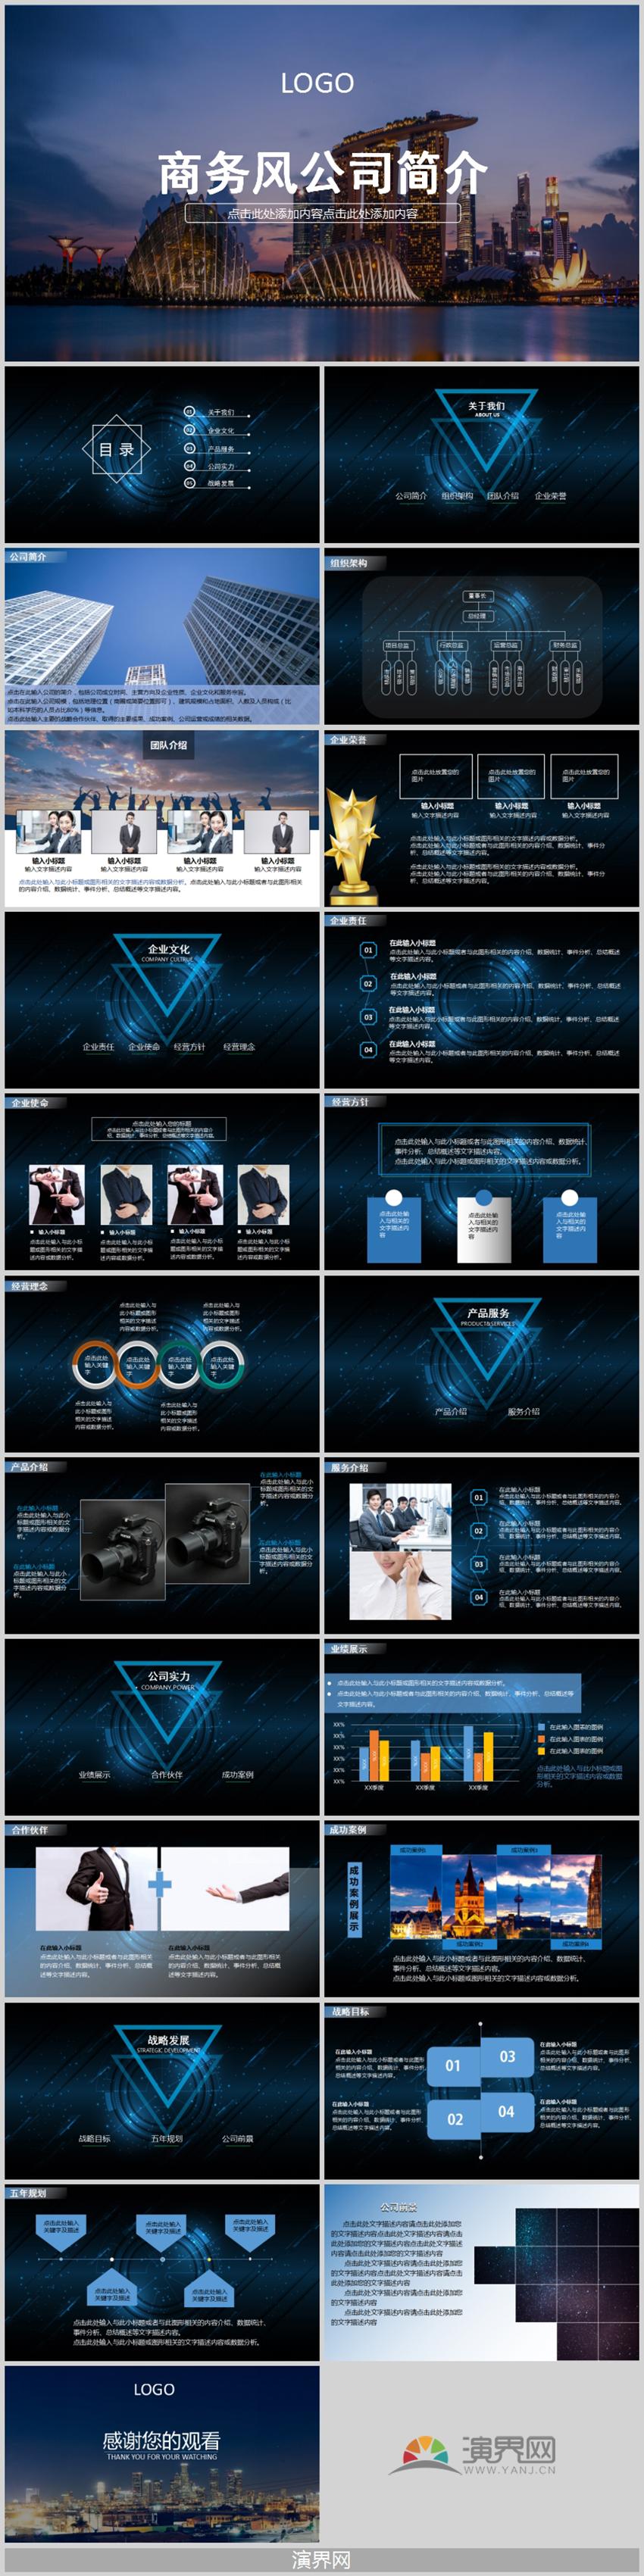 蓝色微立体科技商务风企业介绍企业宣传PPT模板